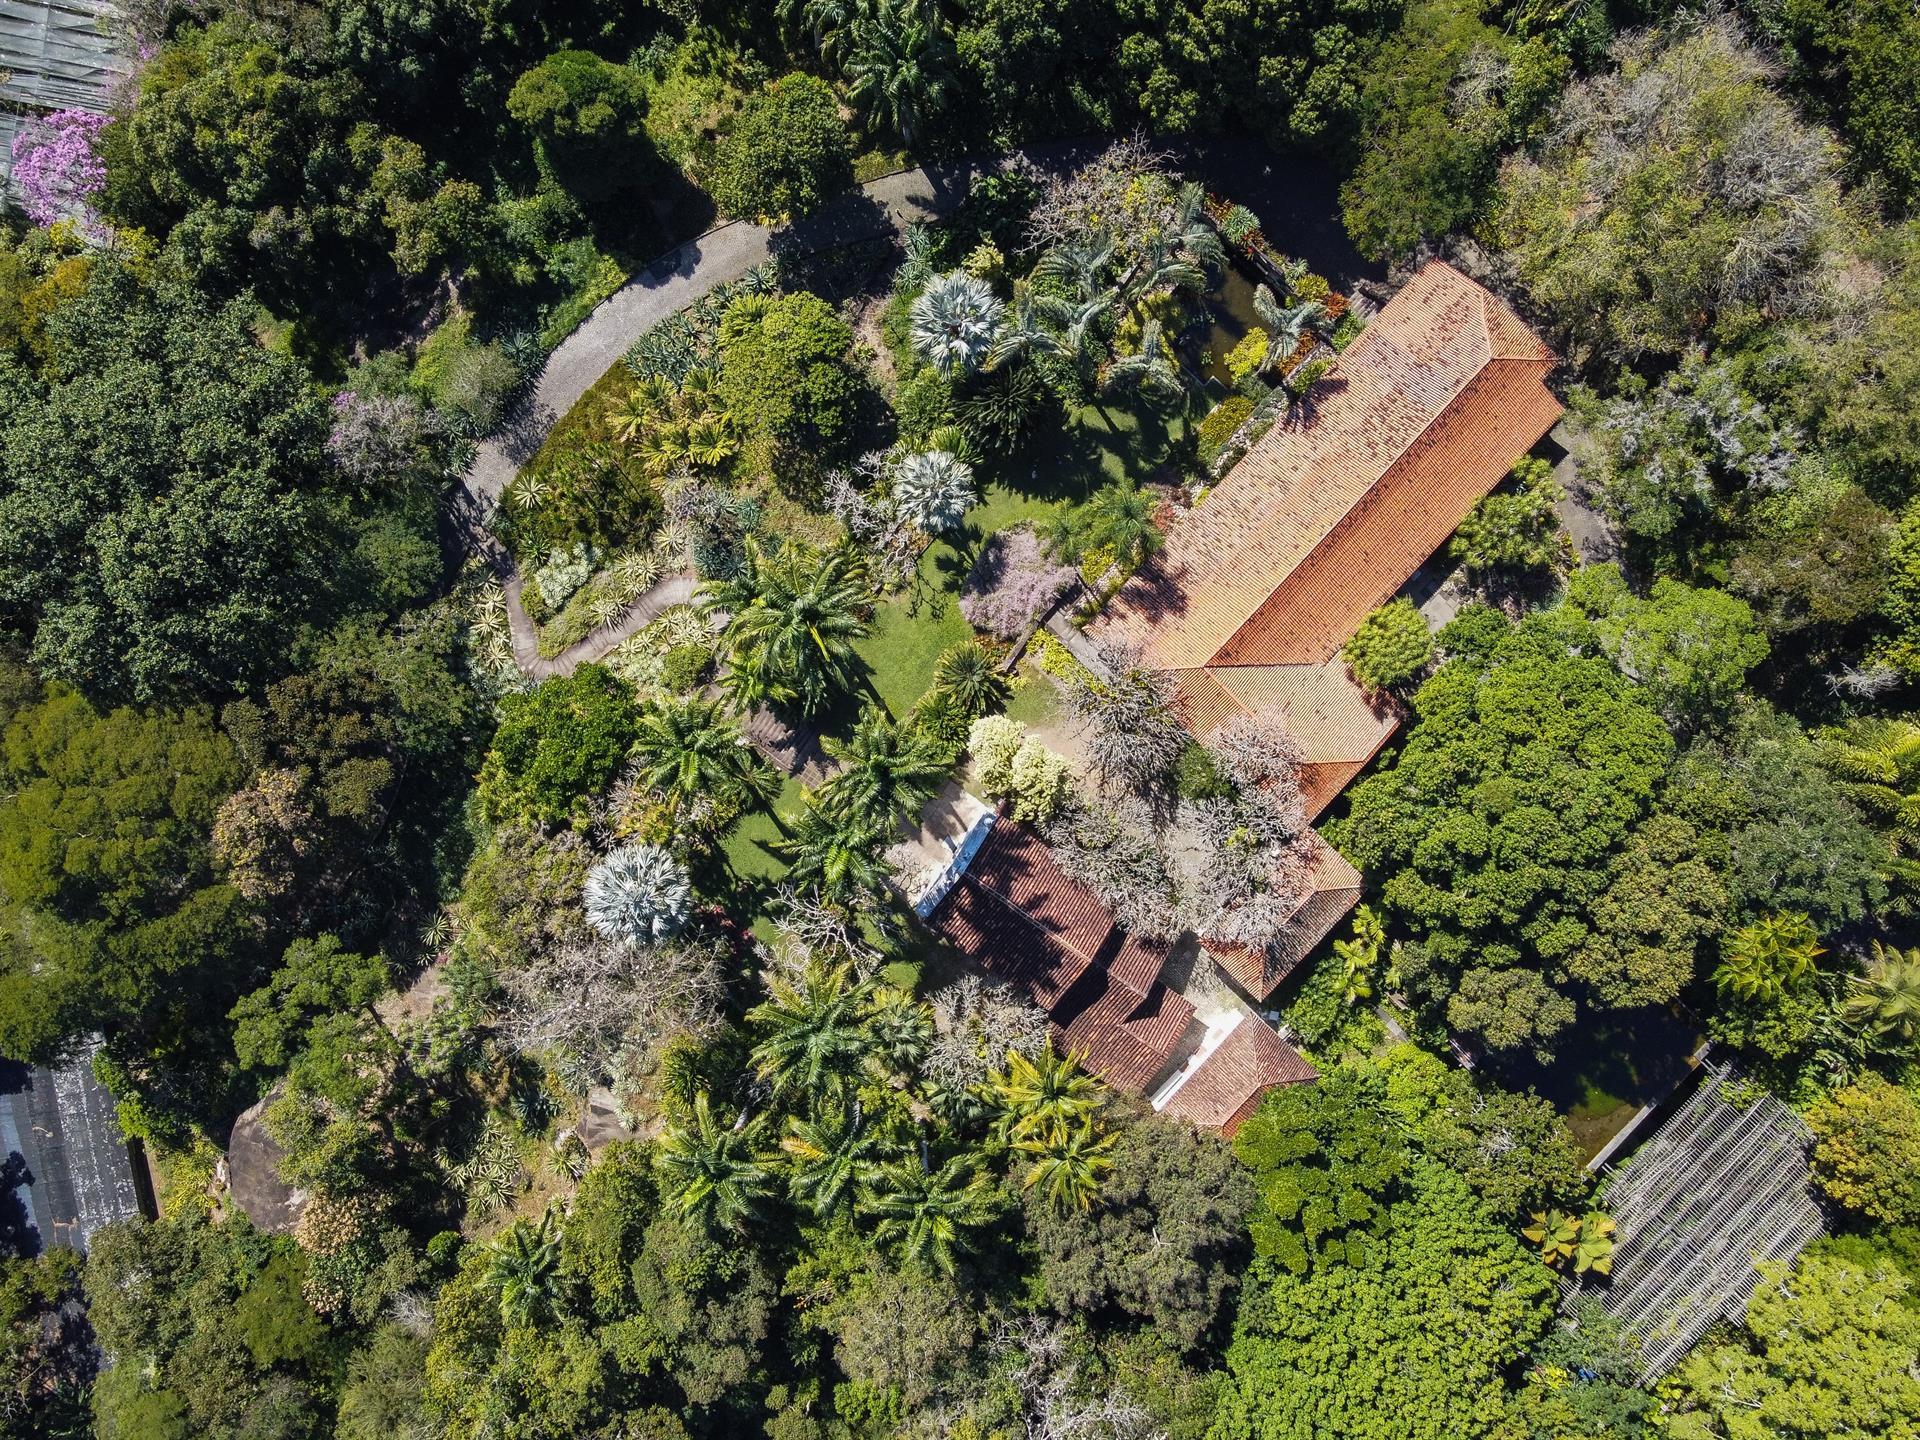 Sítio Burle Marx tornou-se o 23º local brasileiro listado como Patrimônio da Unesco.